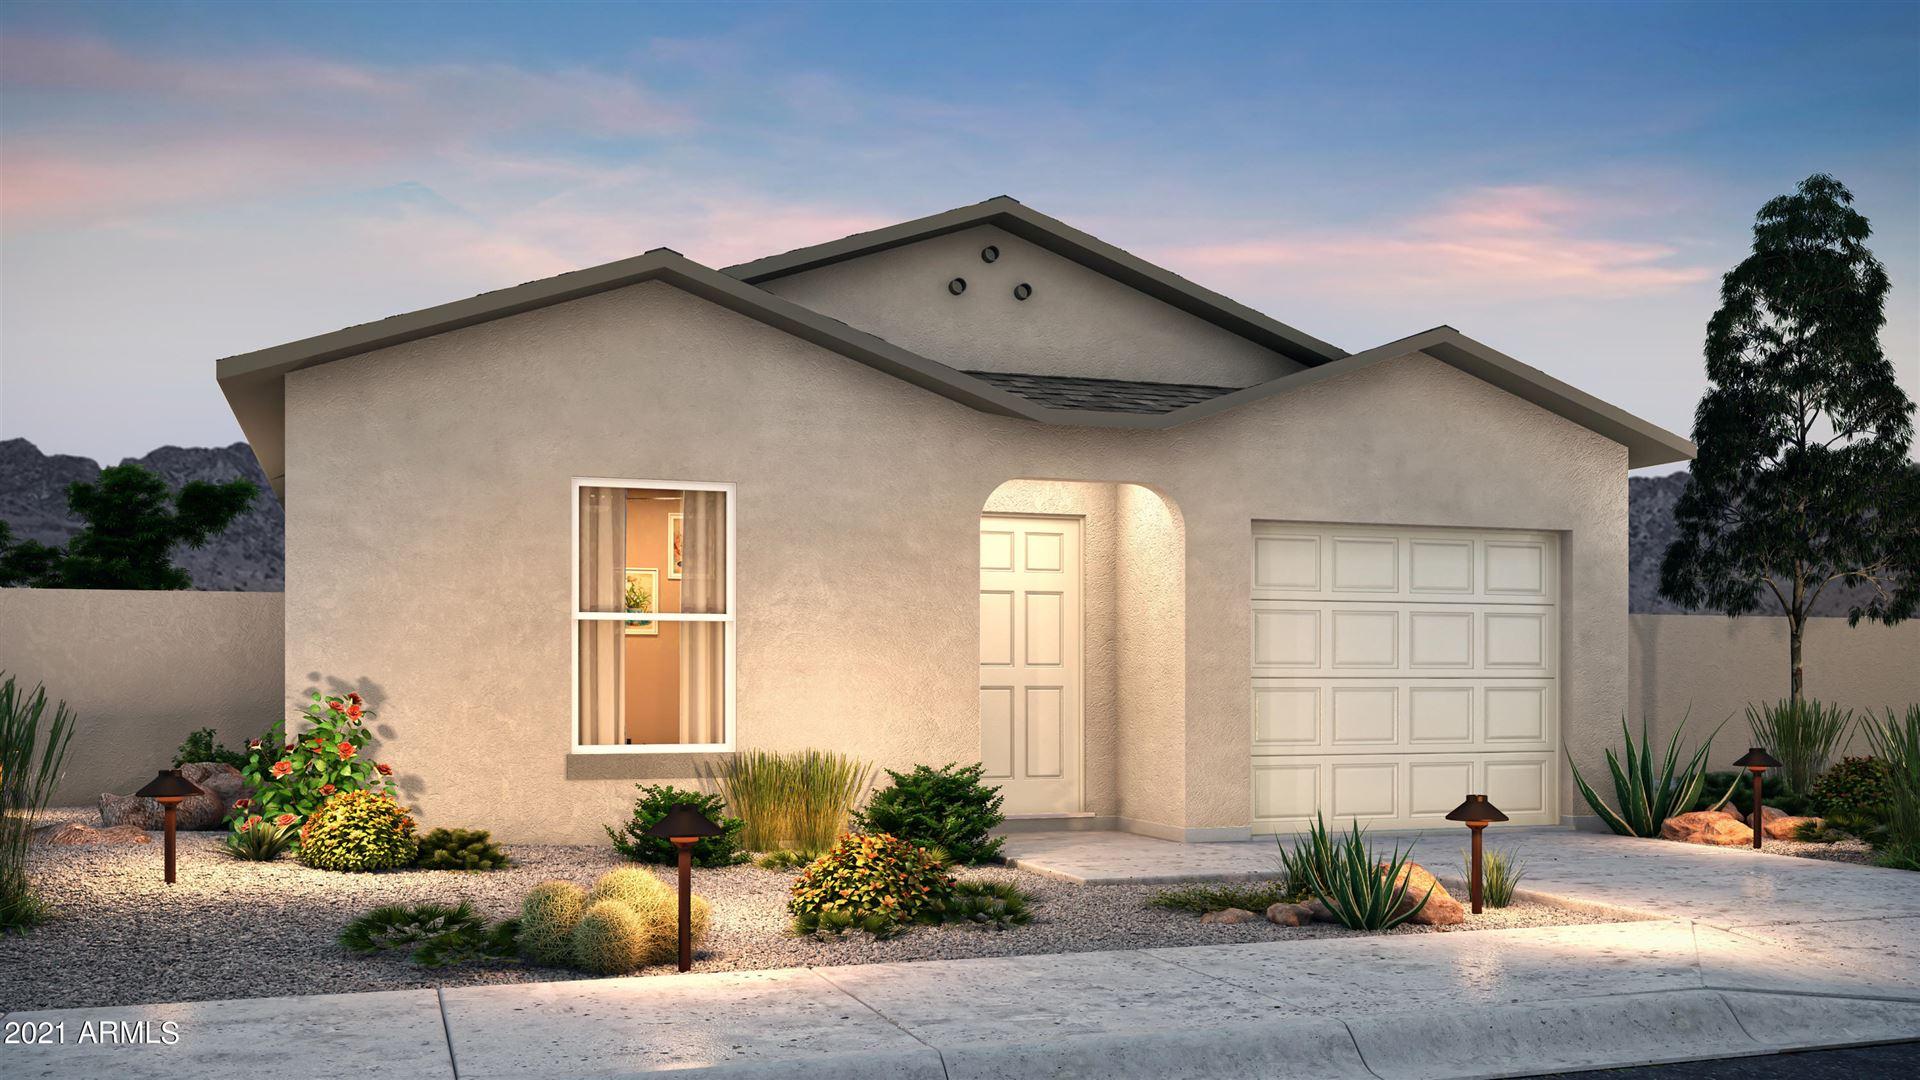 Photo of 452 W REIZEN Drive, Morristown, AZ 85342 (MLS # 6276938)